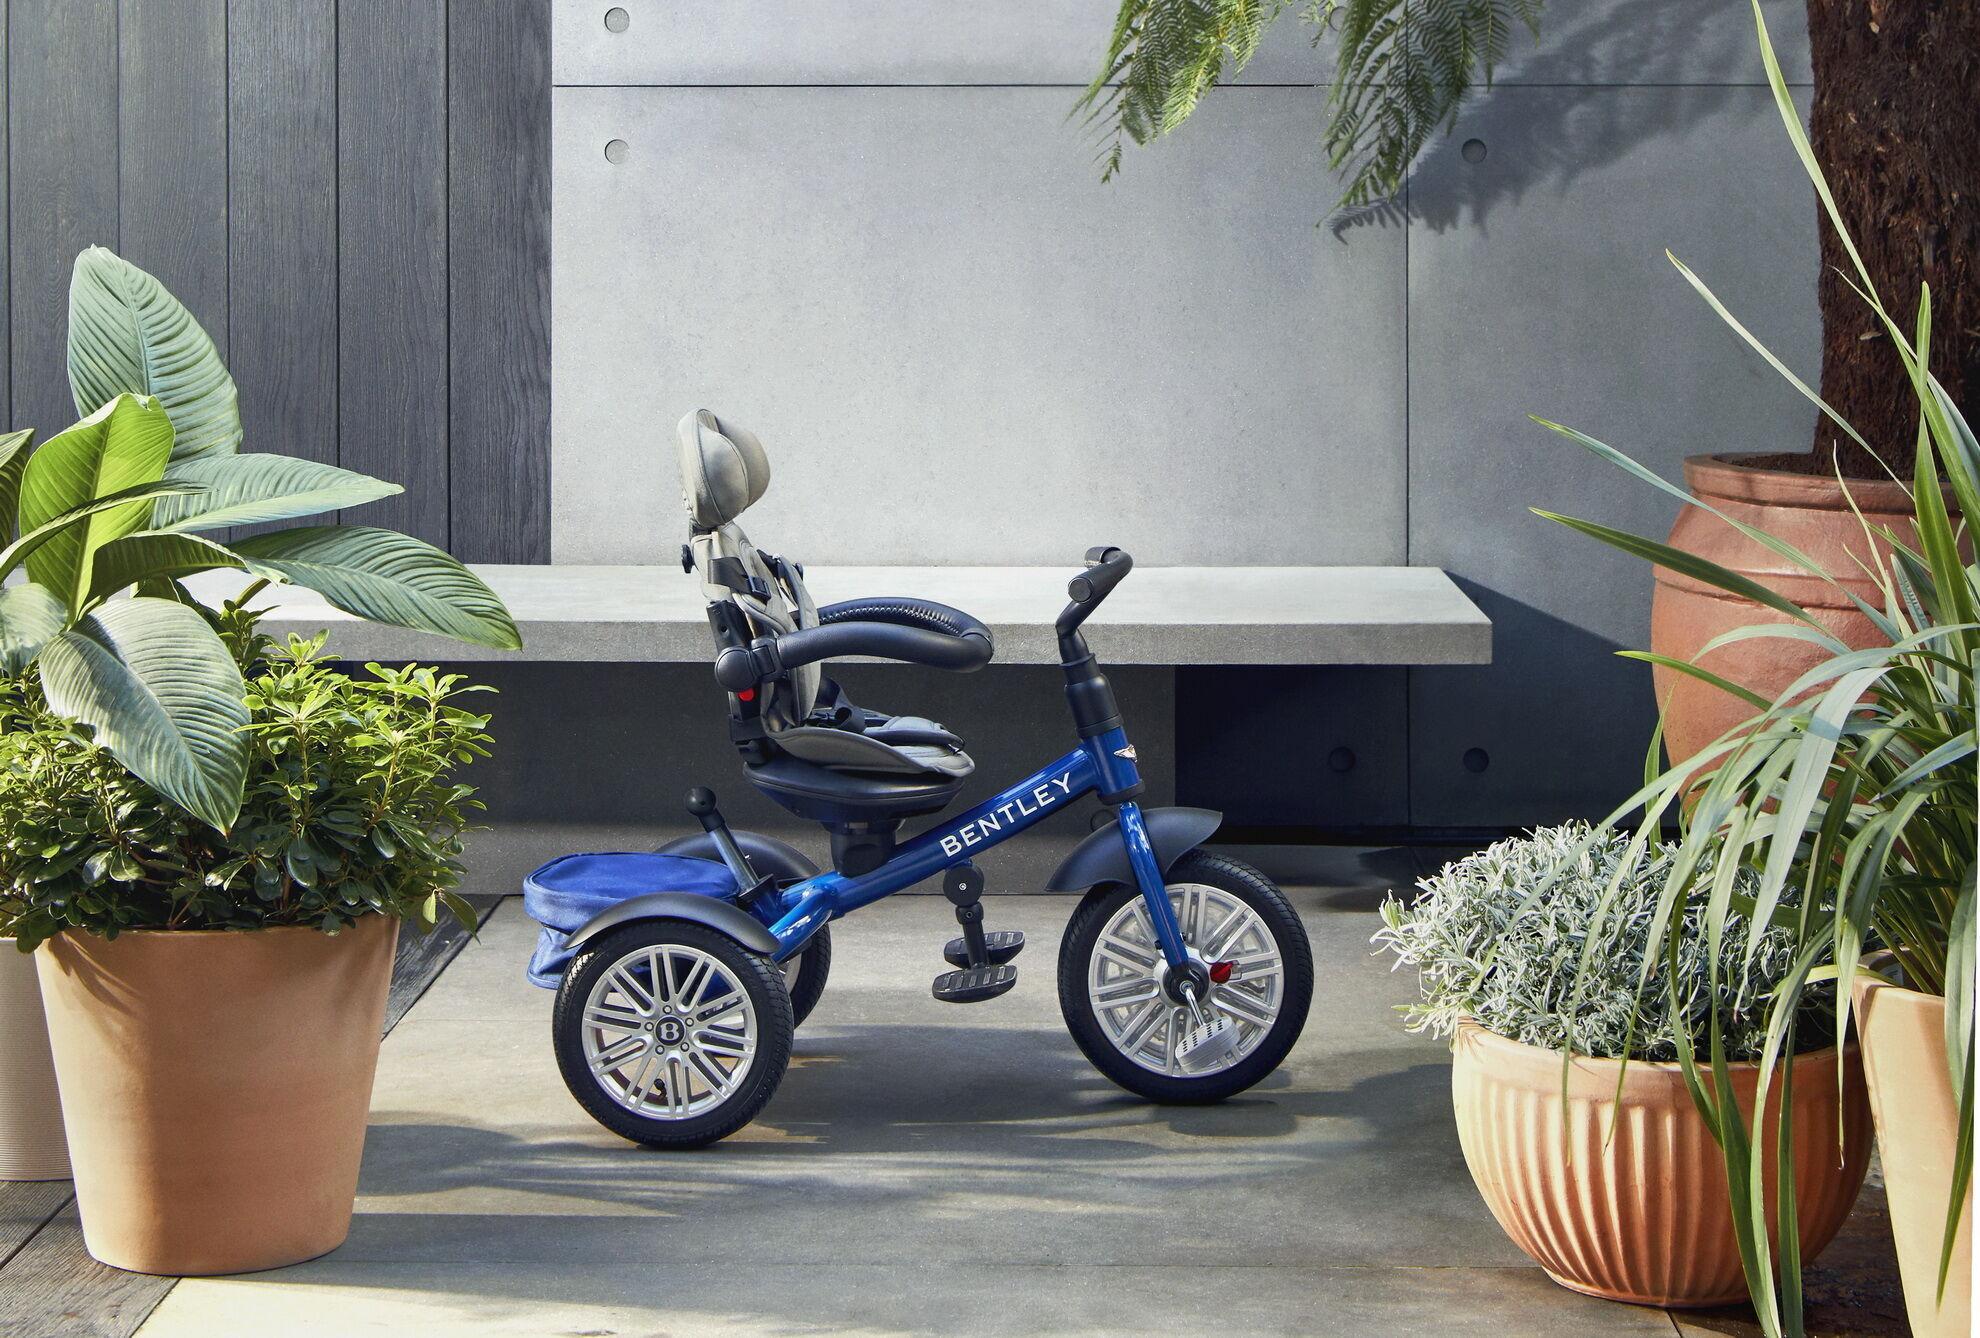 Заказать трицикл можно в любом из богатой палитры цветов